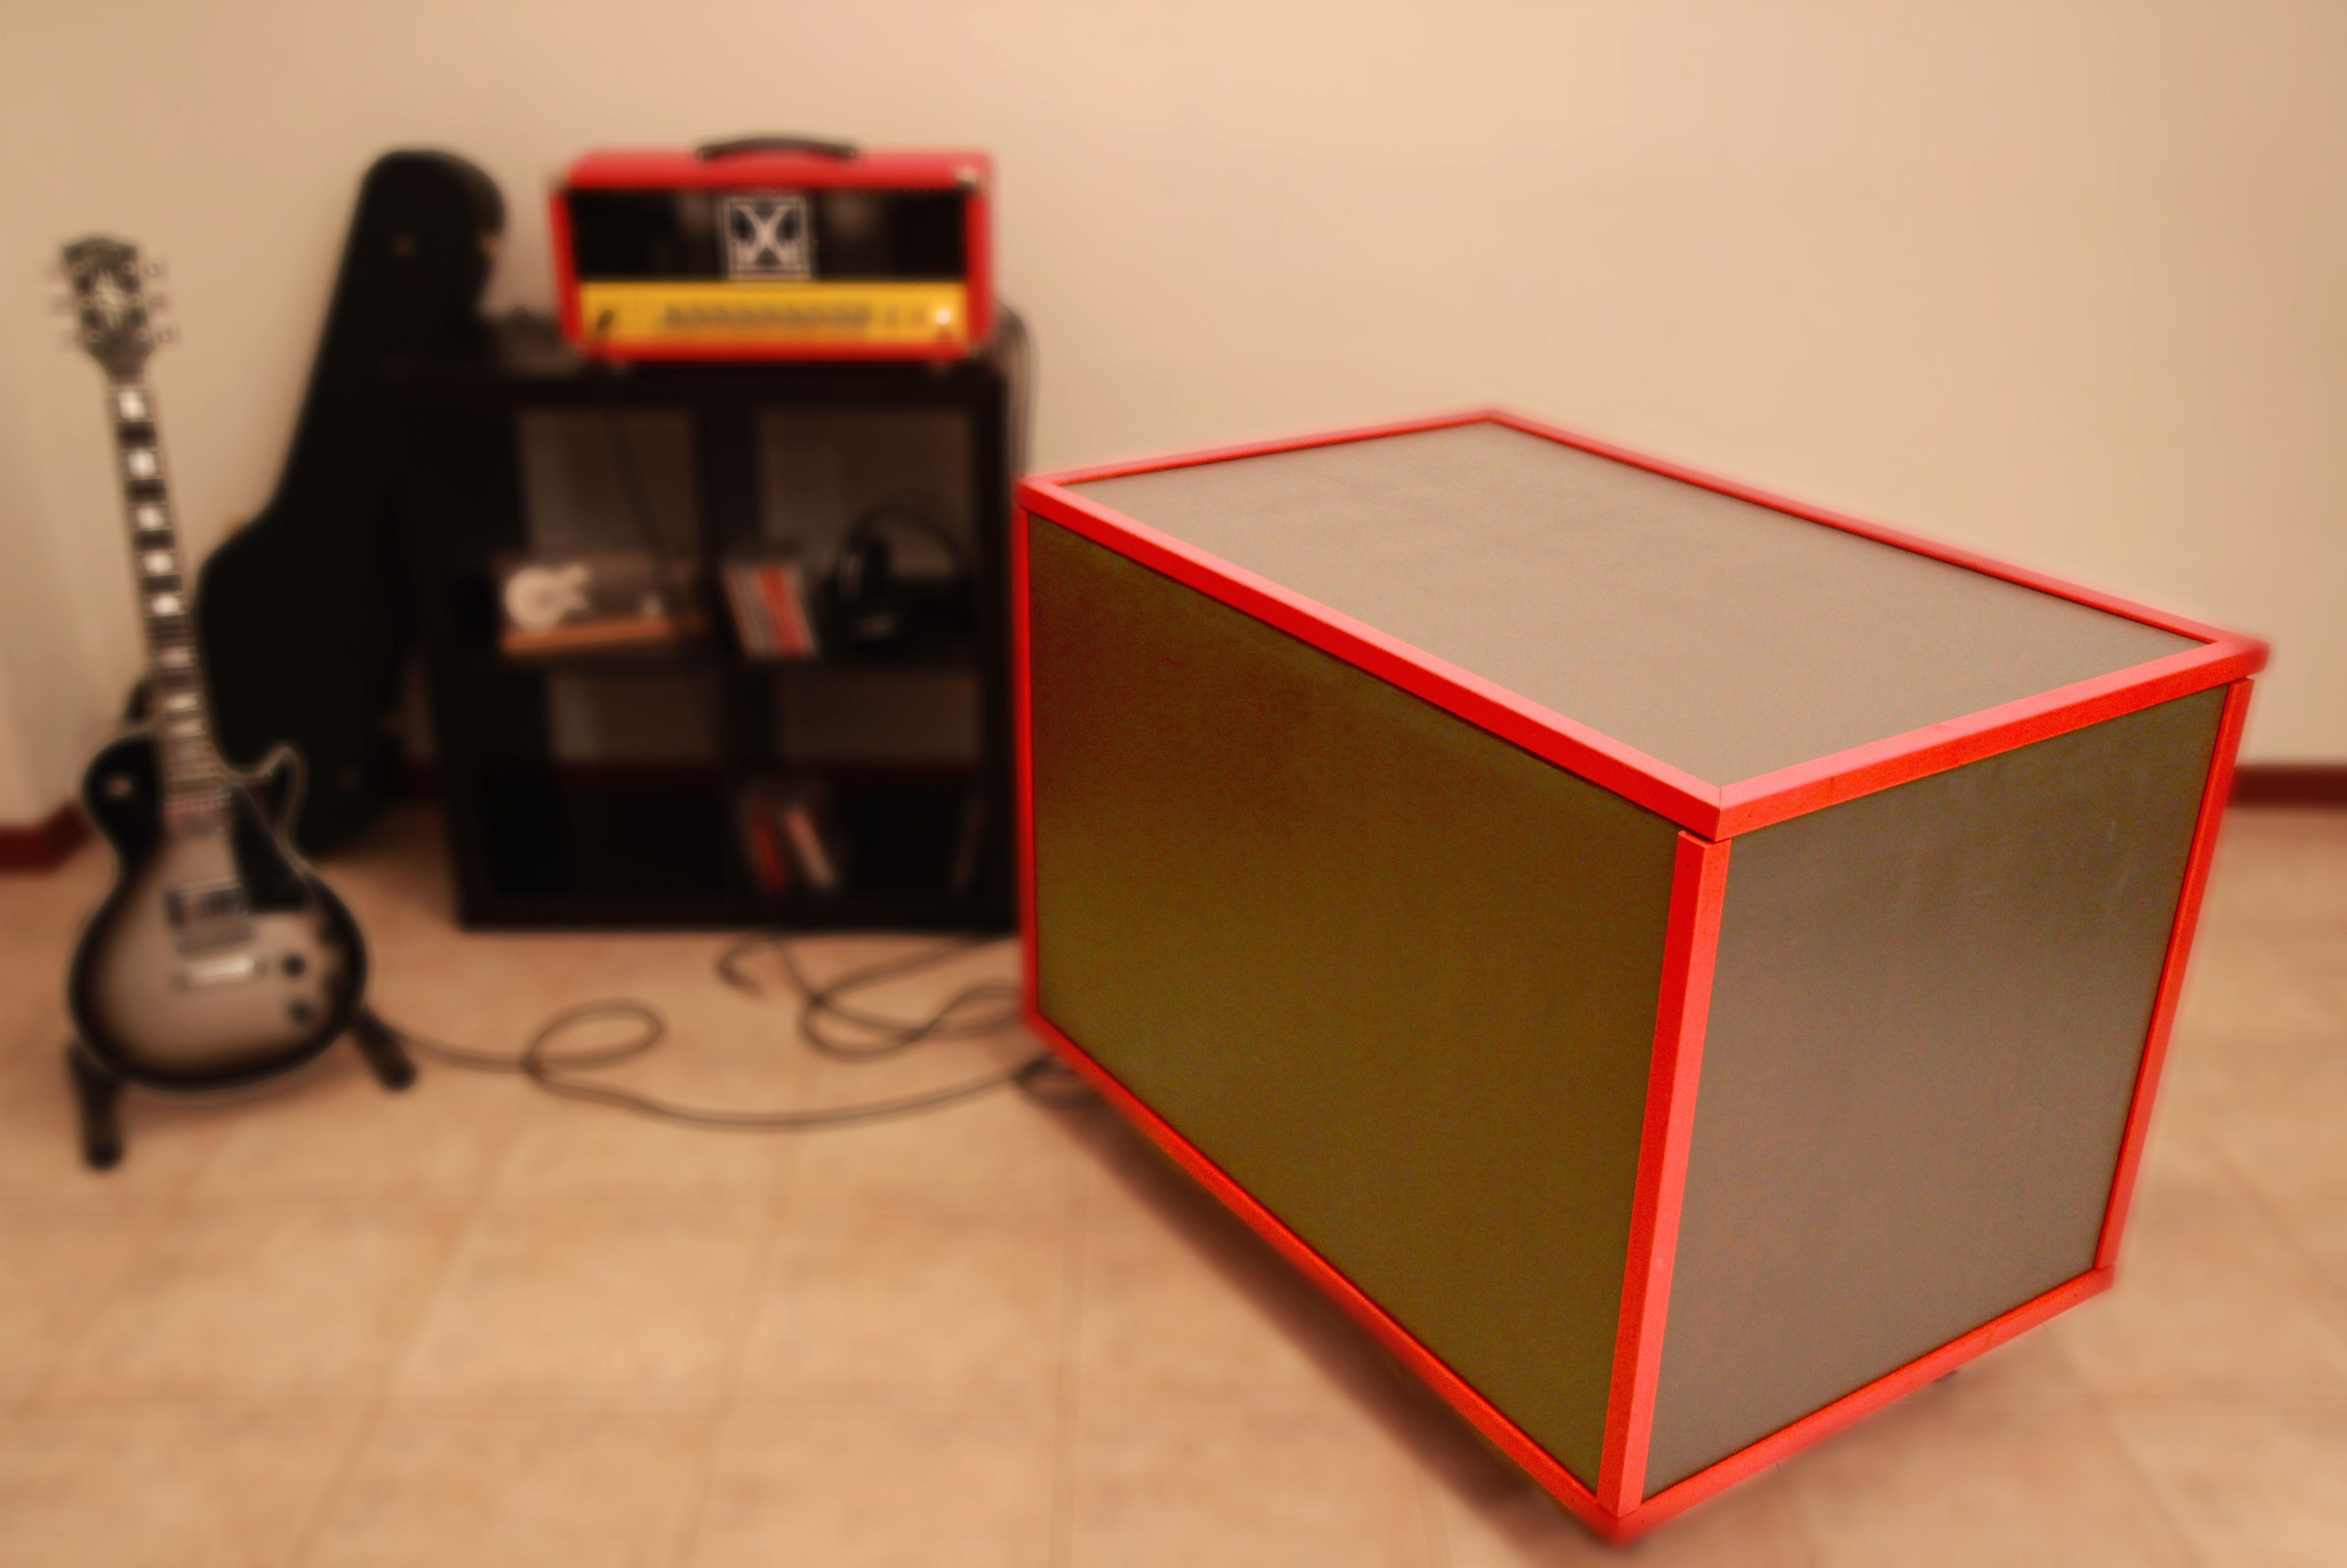 amplibox-audio-sito-web-SEO-sito-web-seo-azienda-negozio-studio-professionale-professionista-artigiano